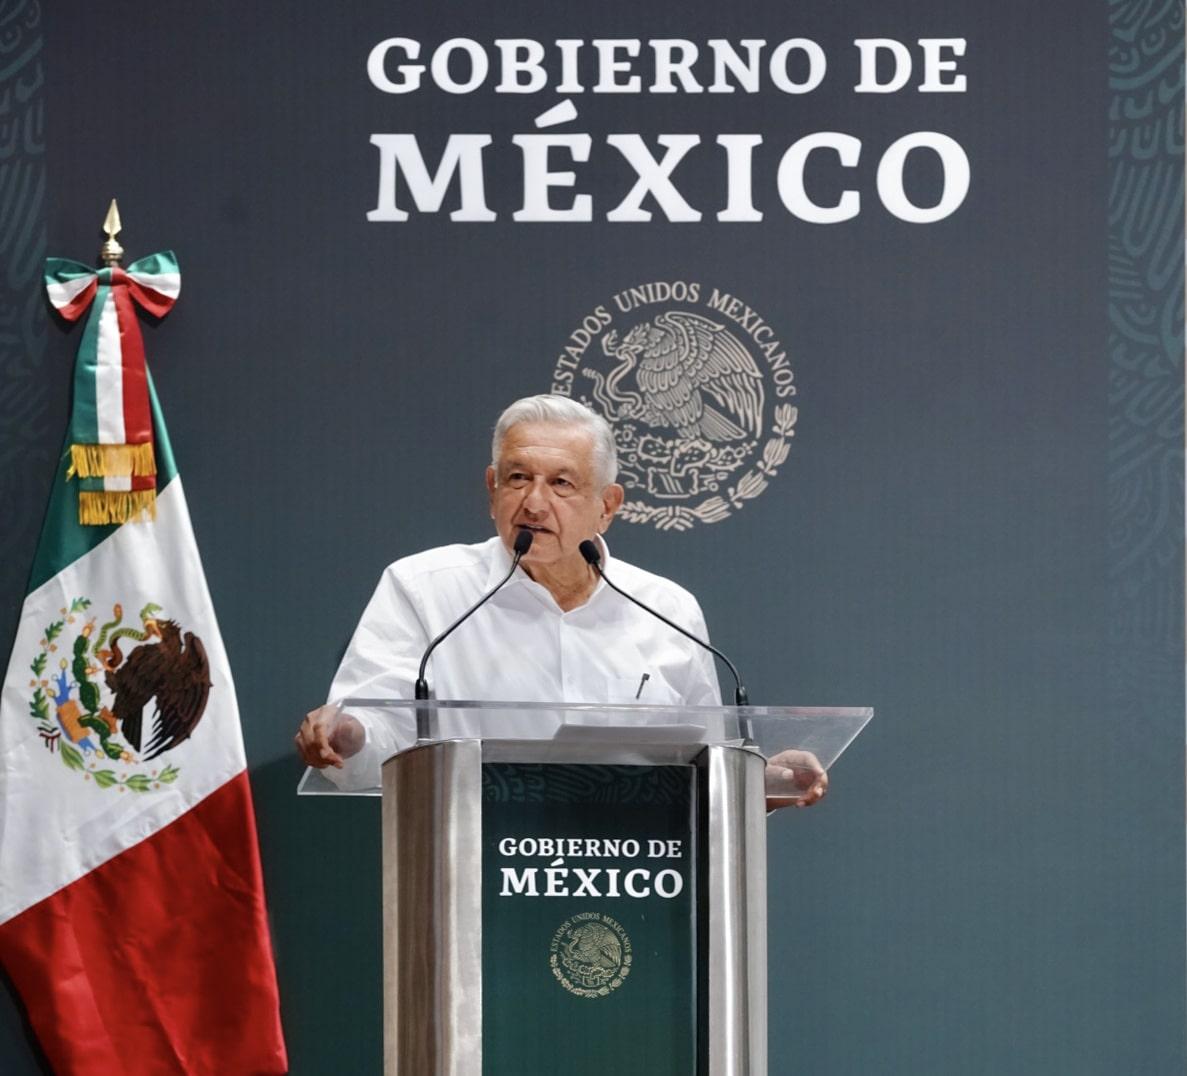 México suspende informes de avance de megaproyectos por elecciones de medio período